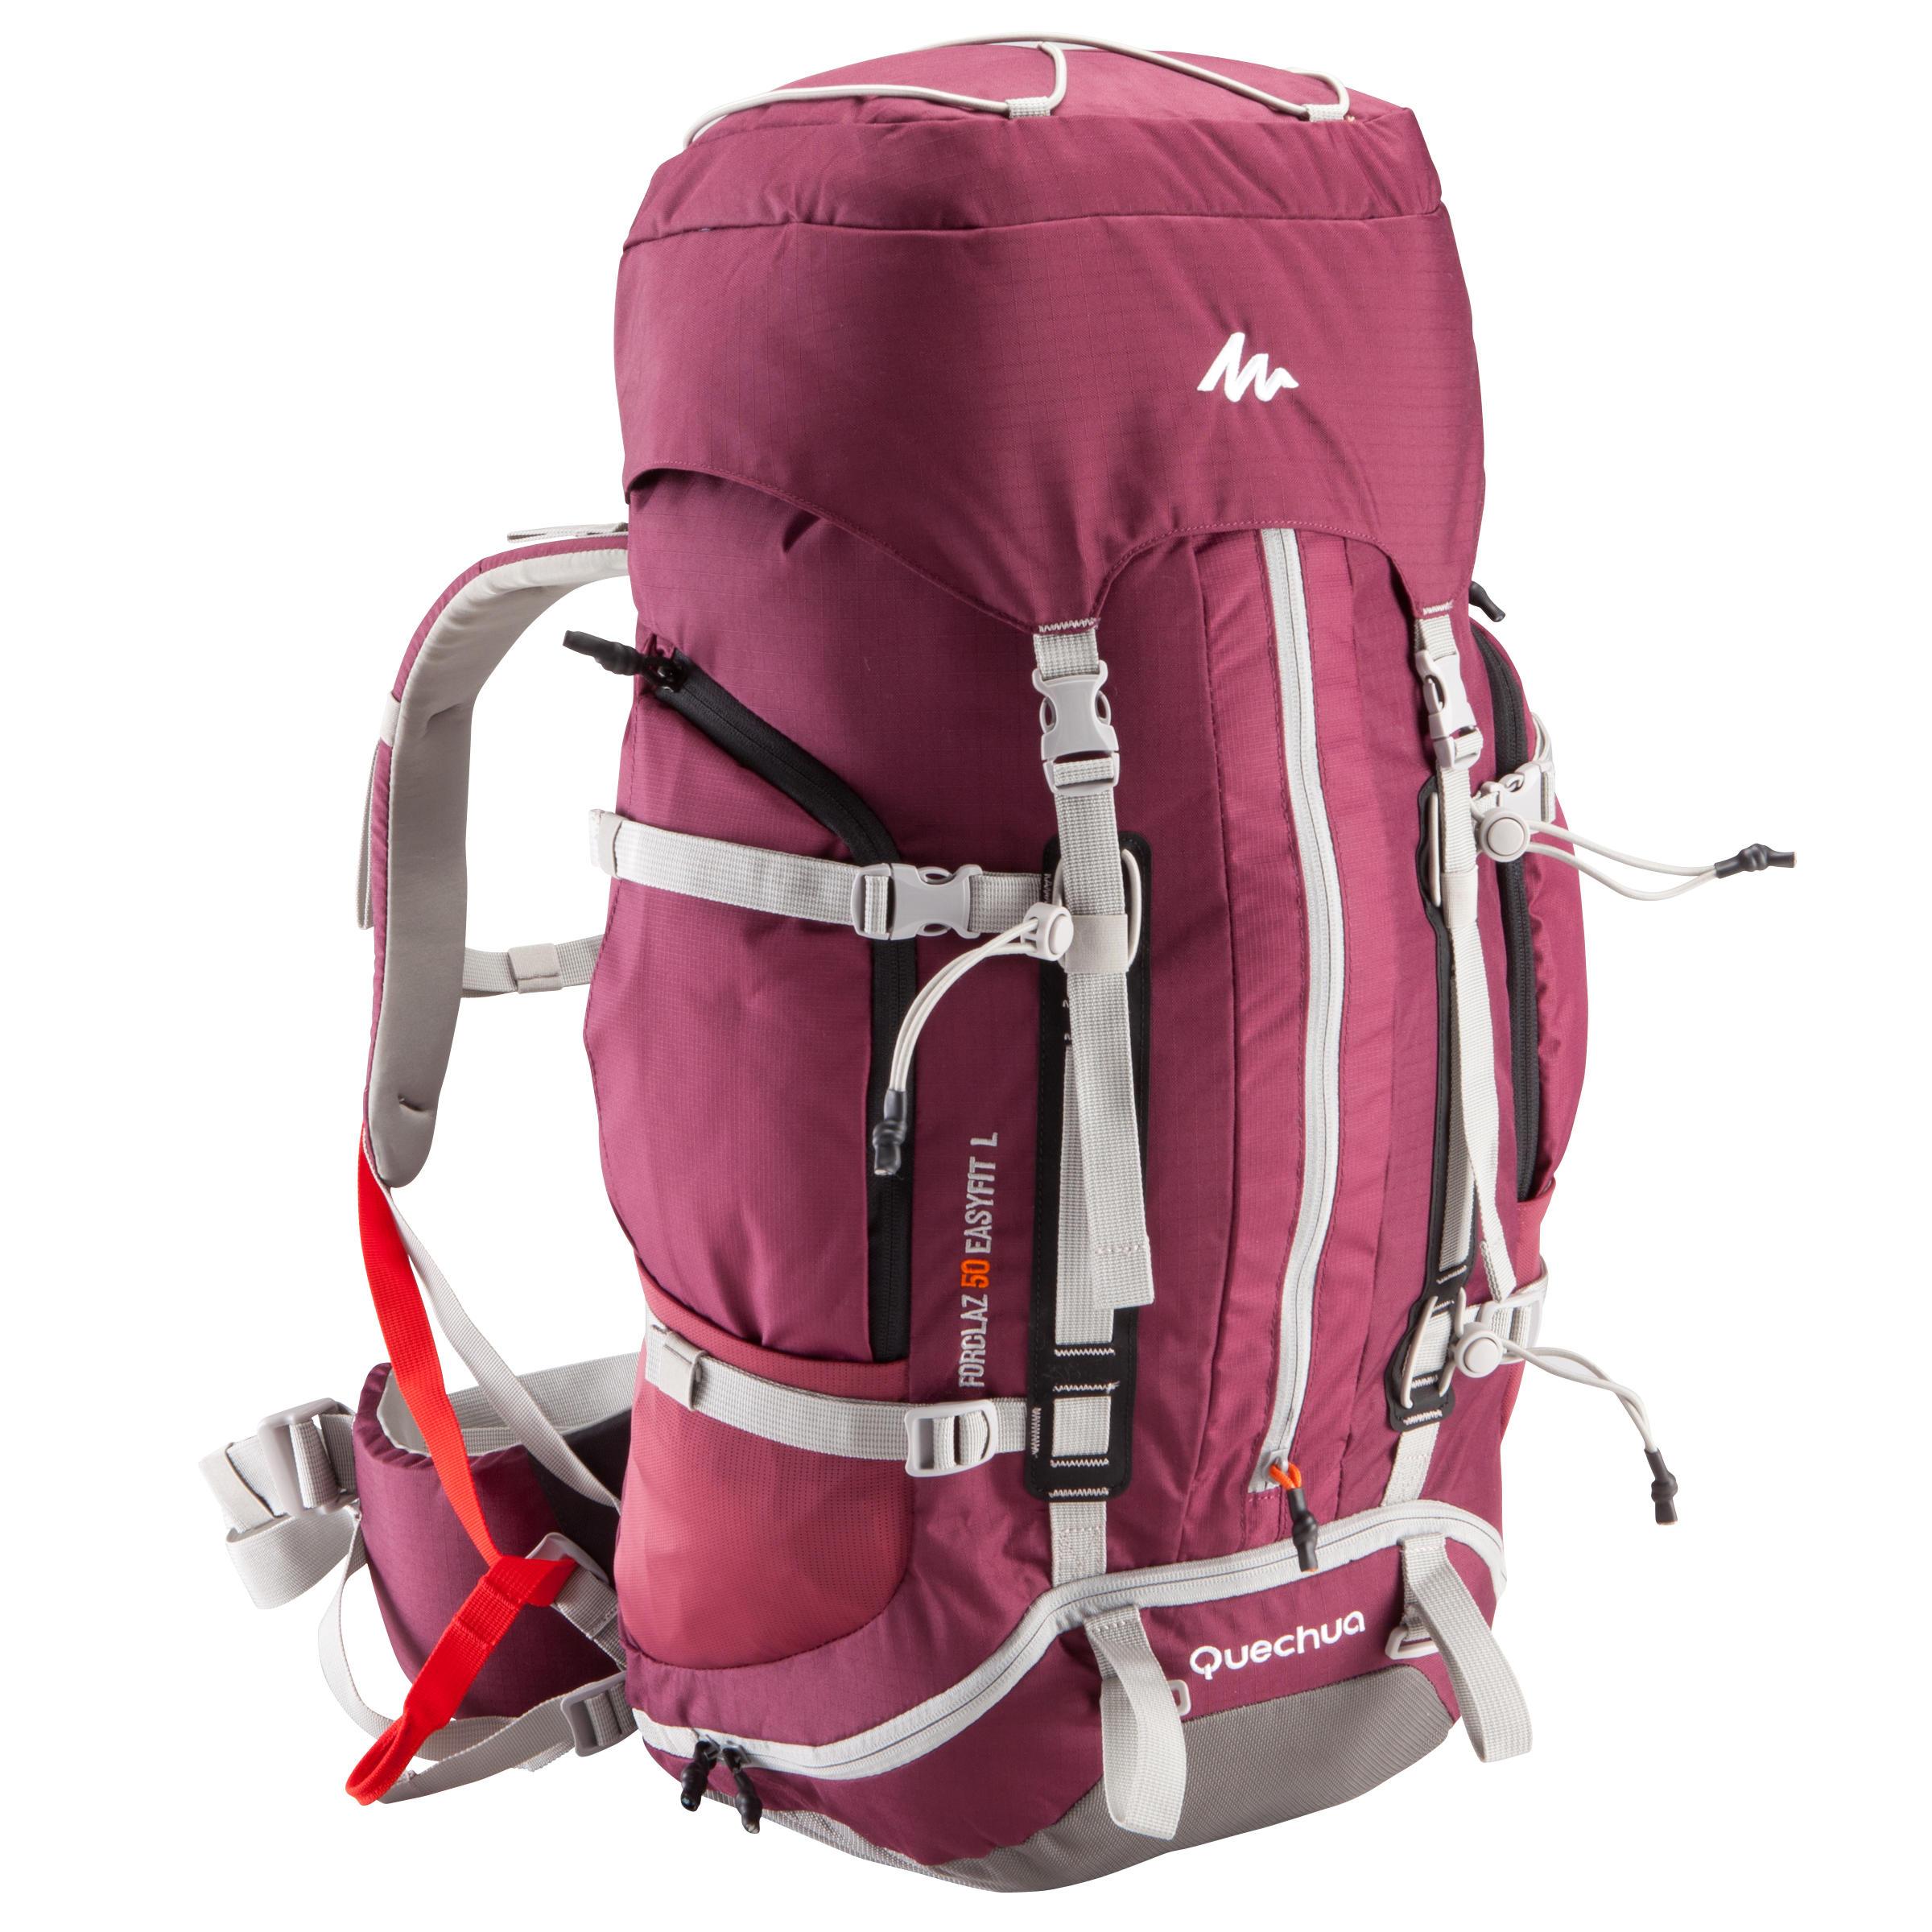 Sac à dos randonnée Easyfit femme 50 litres violet